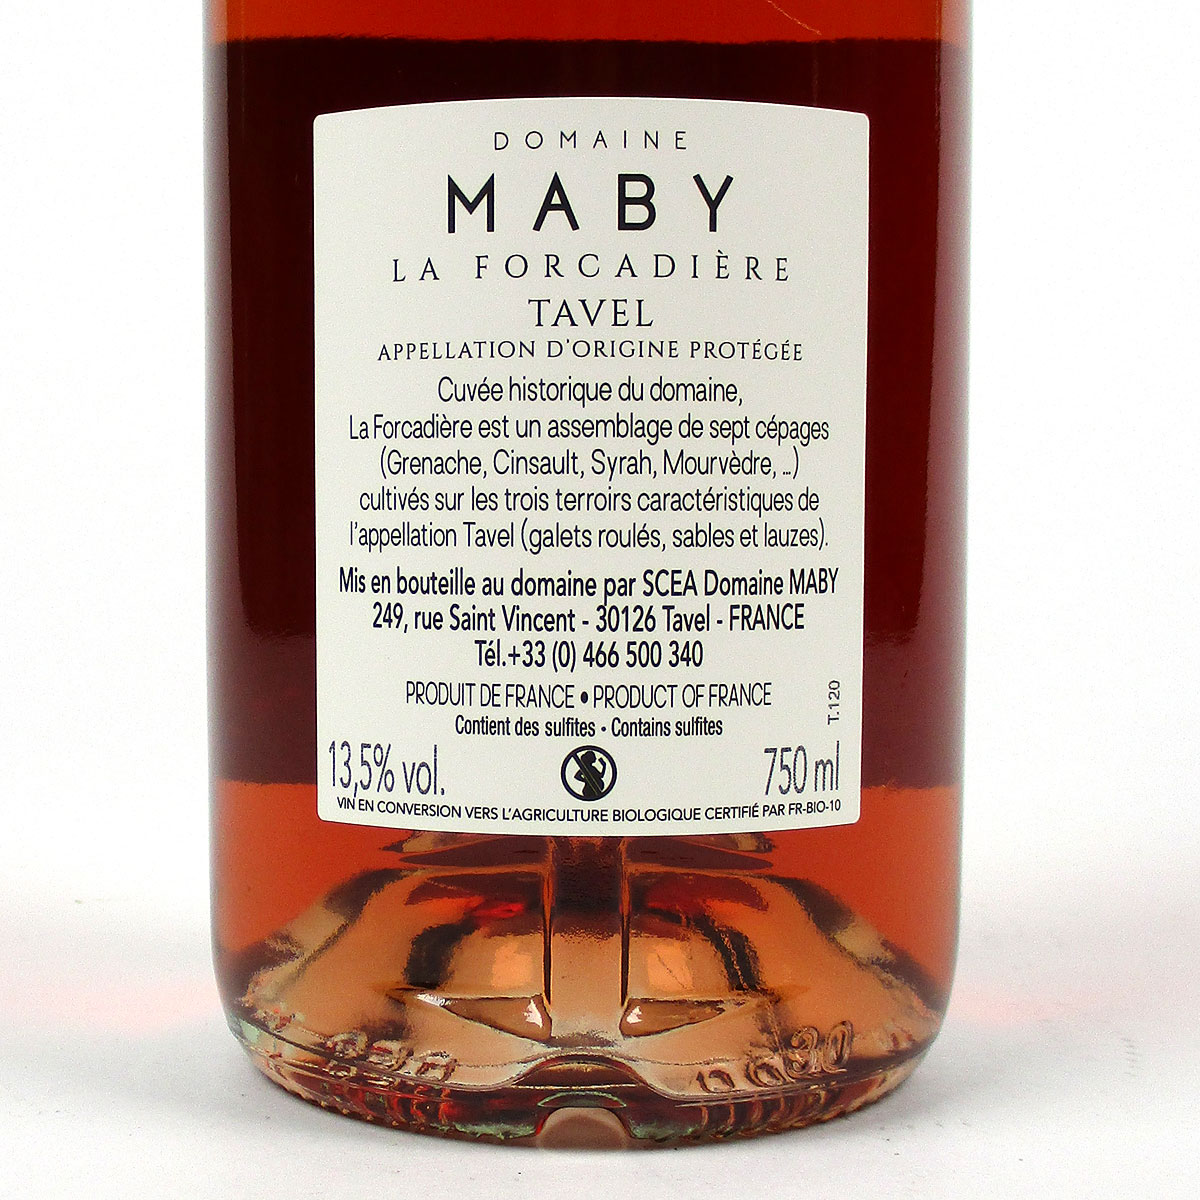 Tavel: Domaine Maby 'La Forcadière' 2020 - Bottle Rear Label